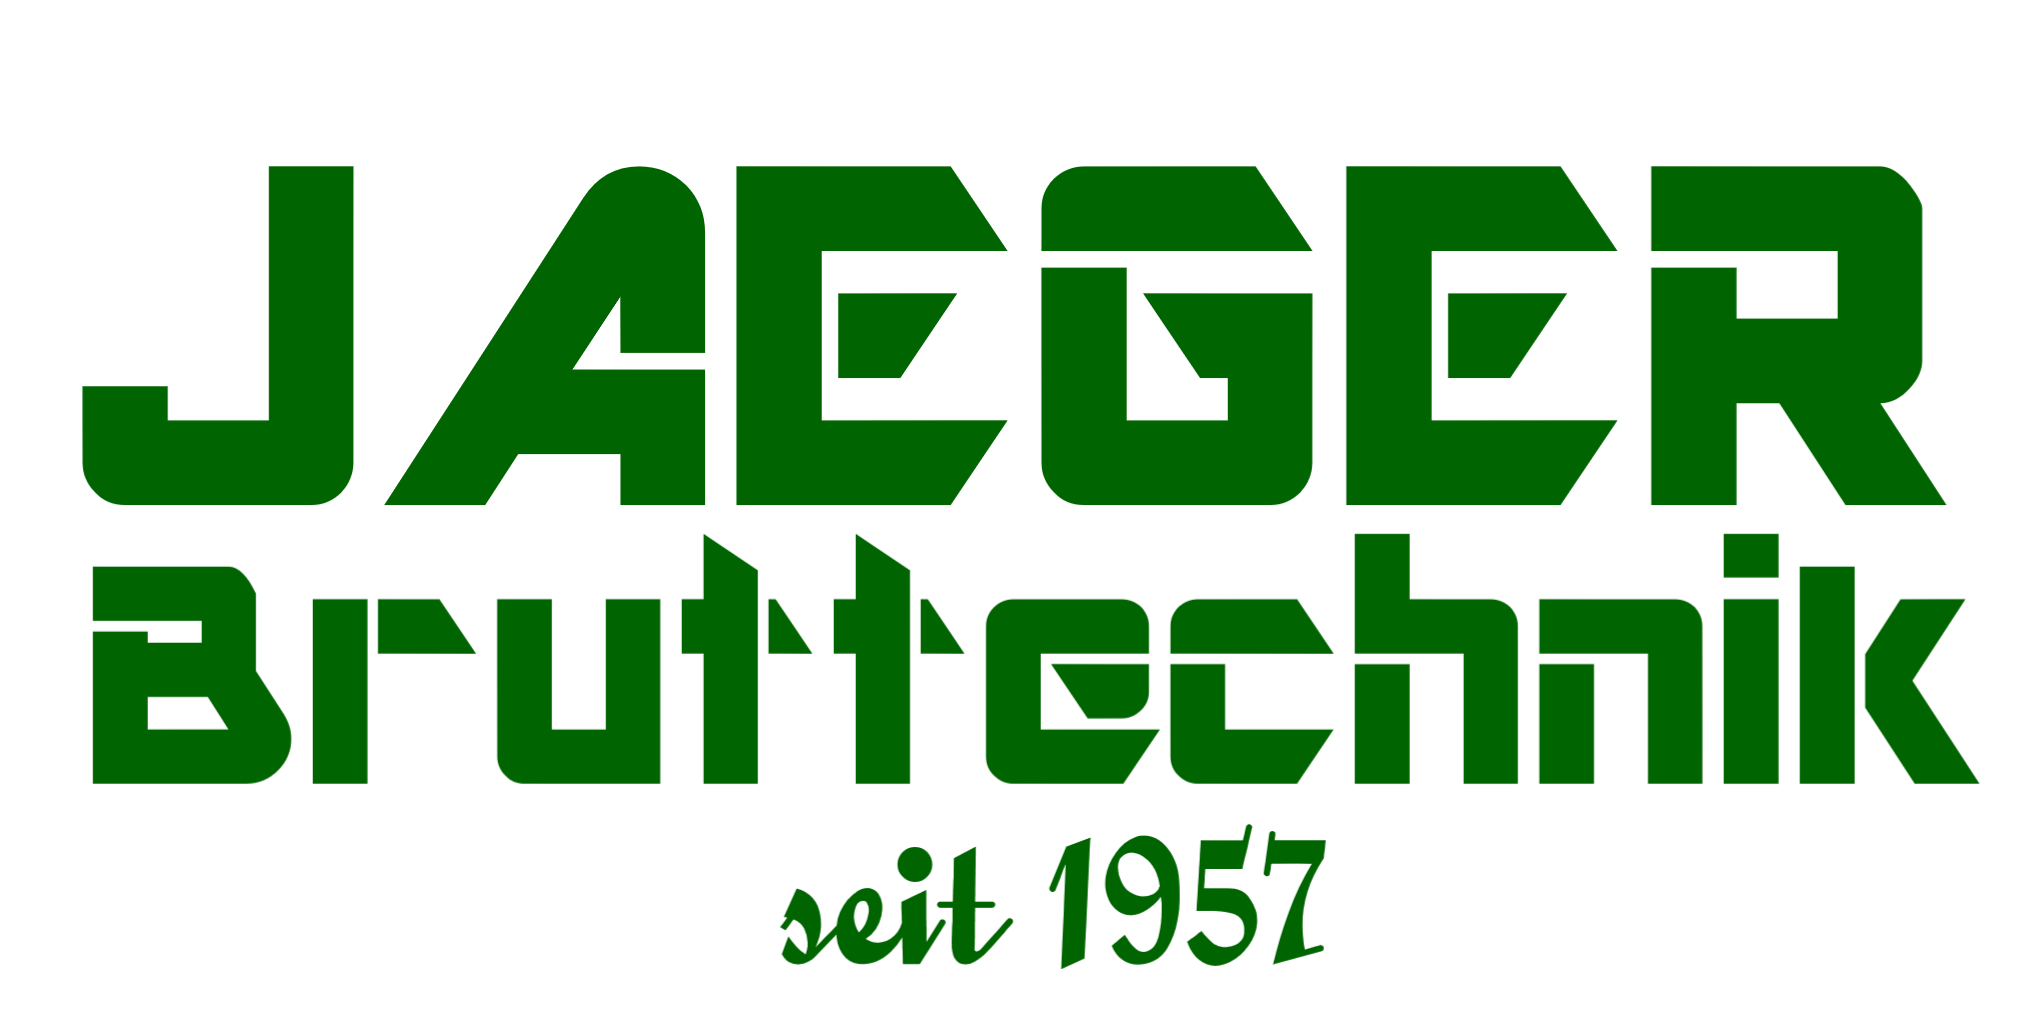 Jäger & Pfrommer Brutapparate e.K.